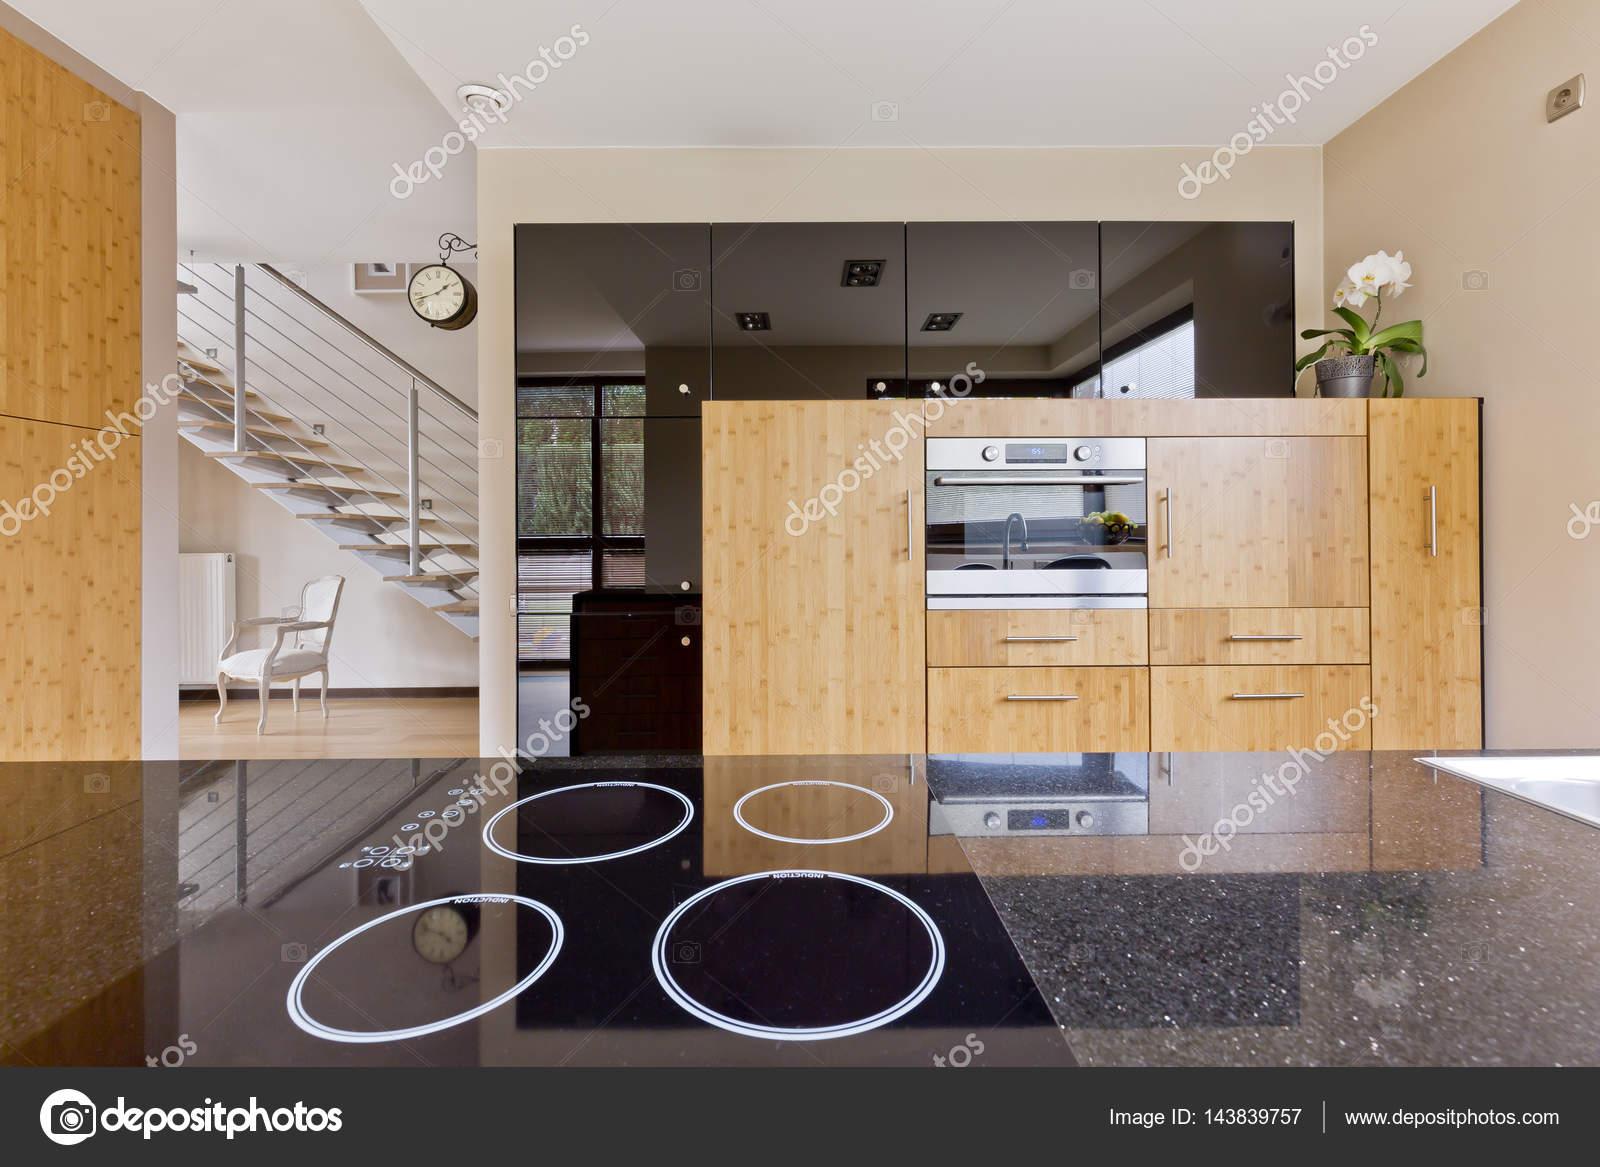 Keuken Met Trap : Interieur van de keuken open voor de trap u2014 stockfoto © photographee